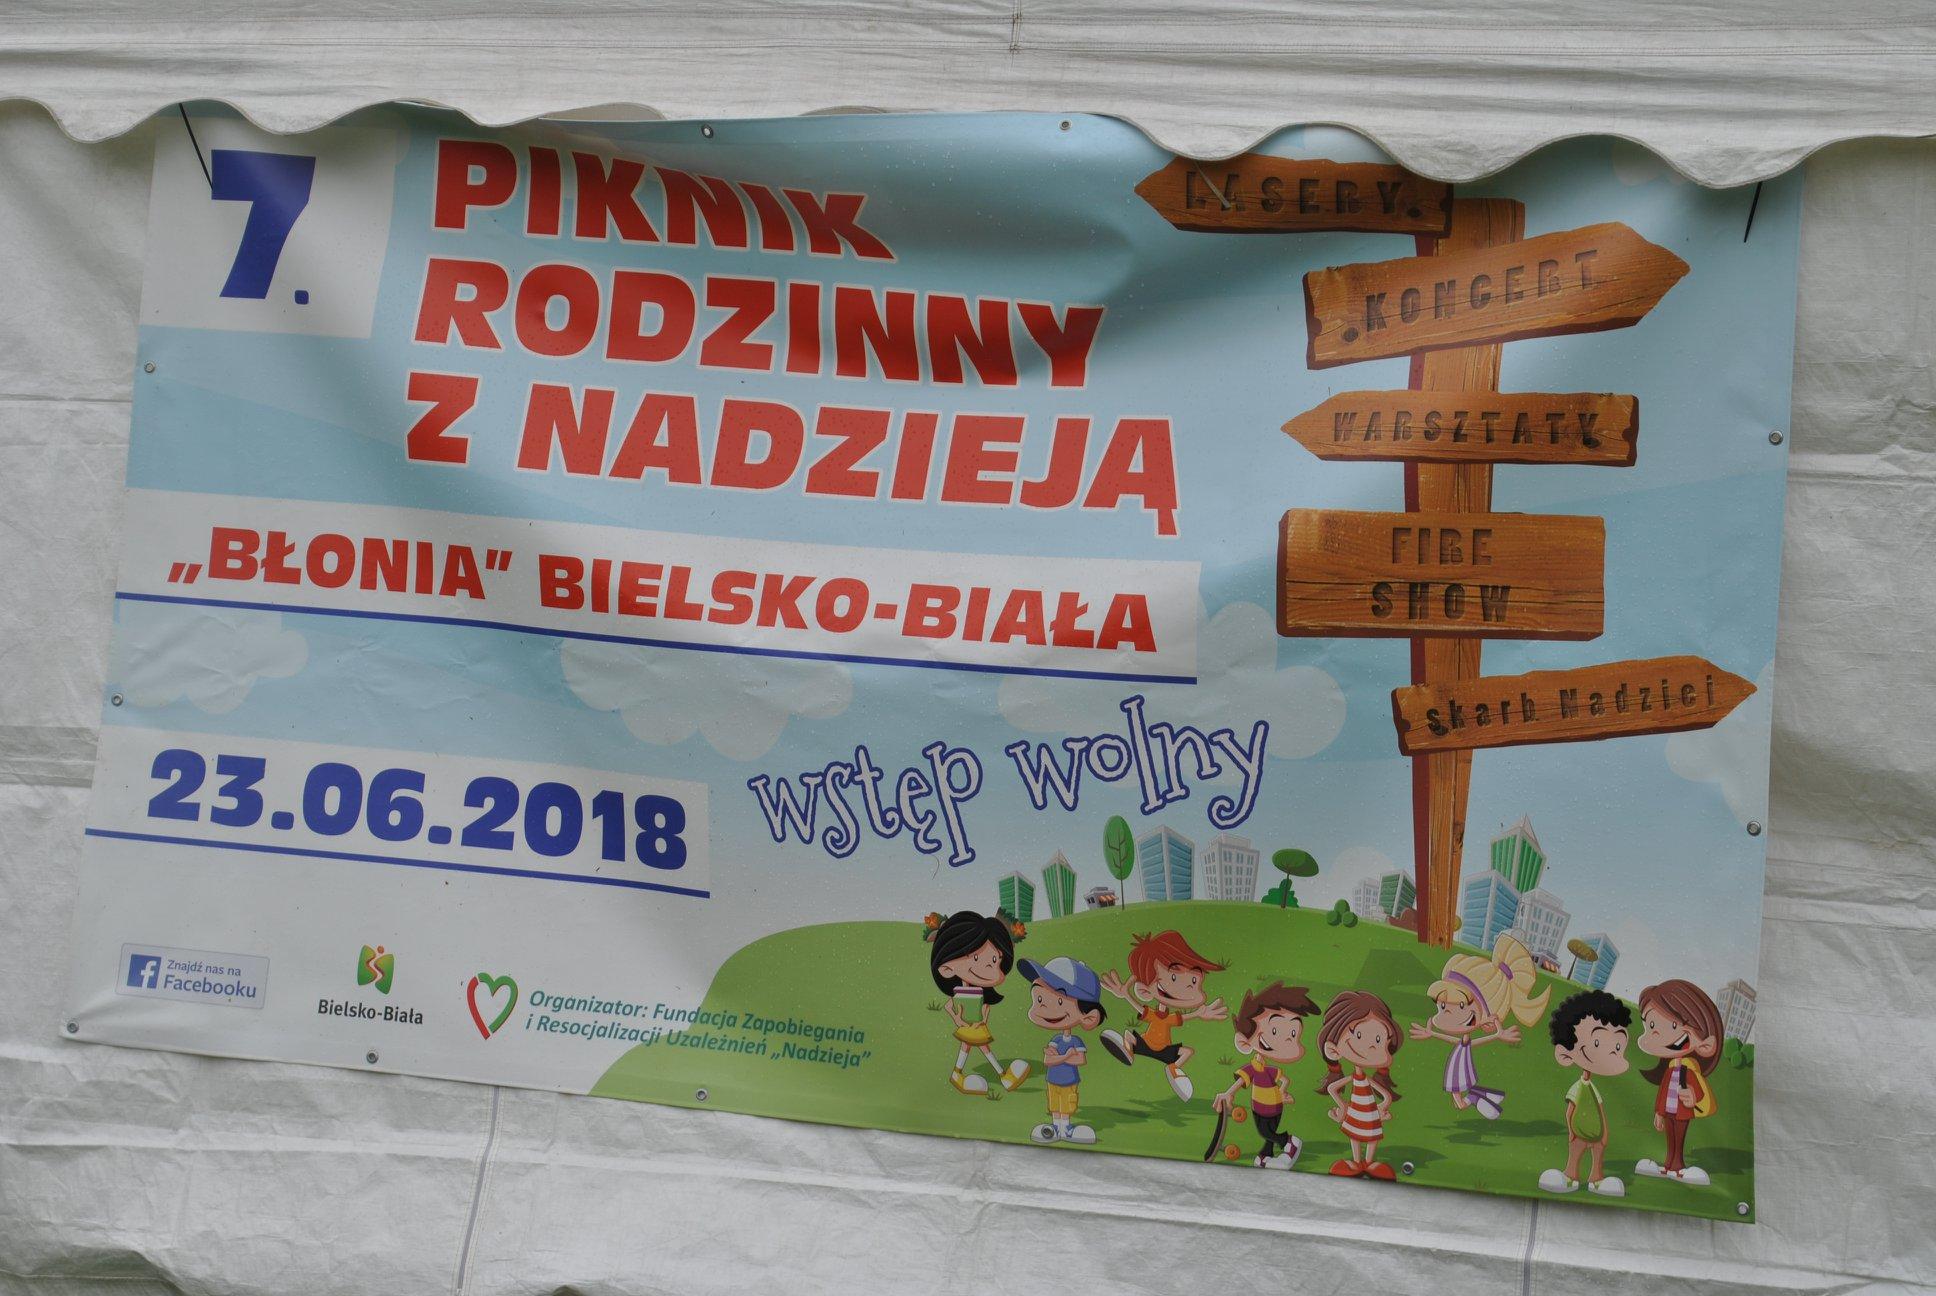 plakat reklamujący Piknik Rodzinny z Nadzieją